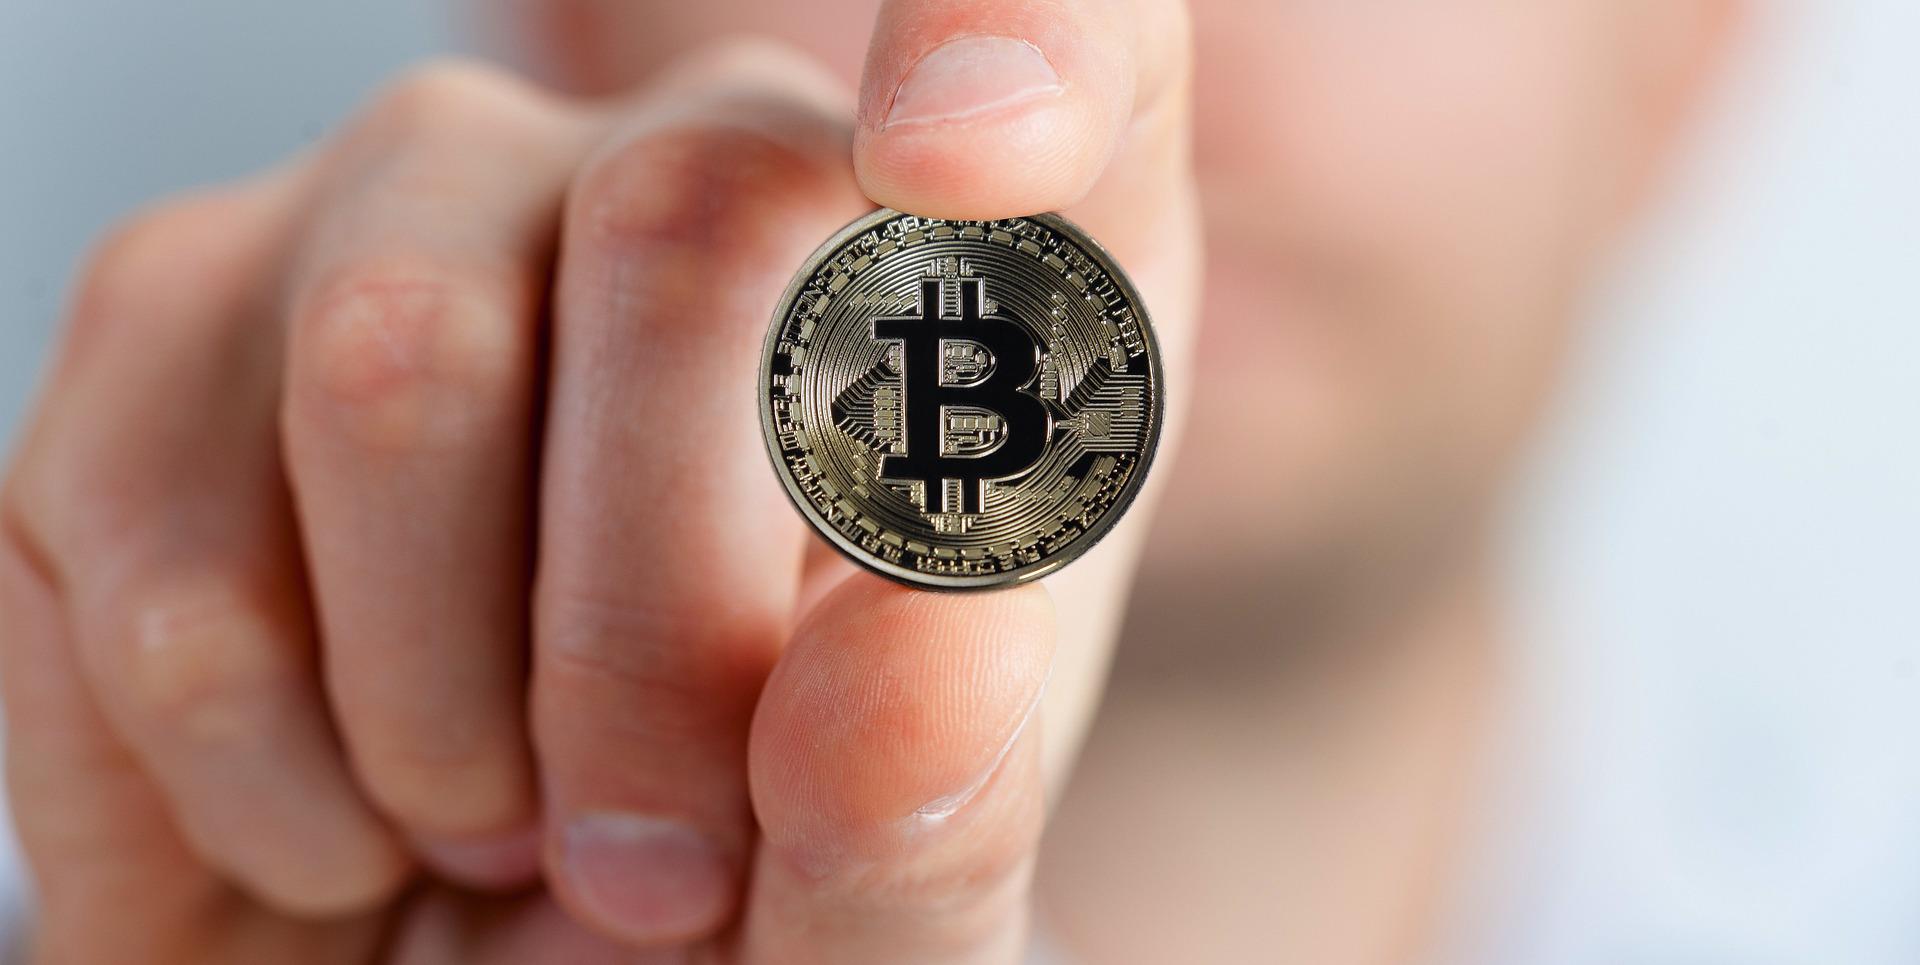 Wences Casares Xapo Bitcoin Prediction